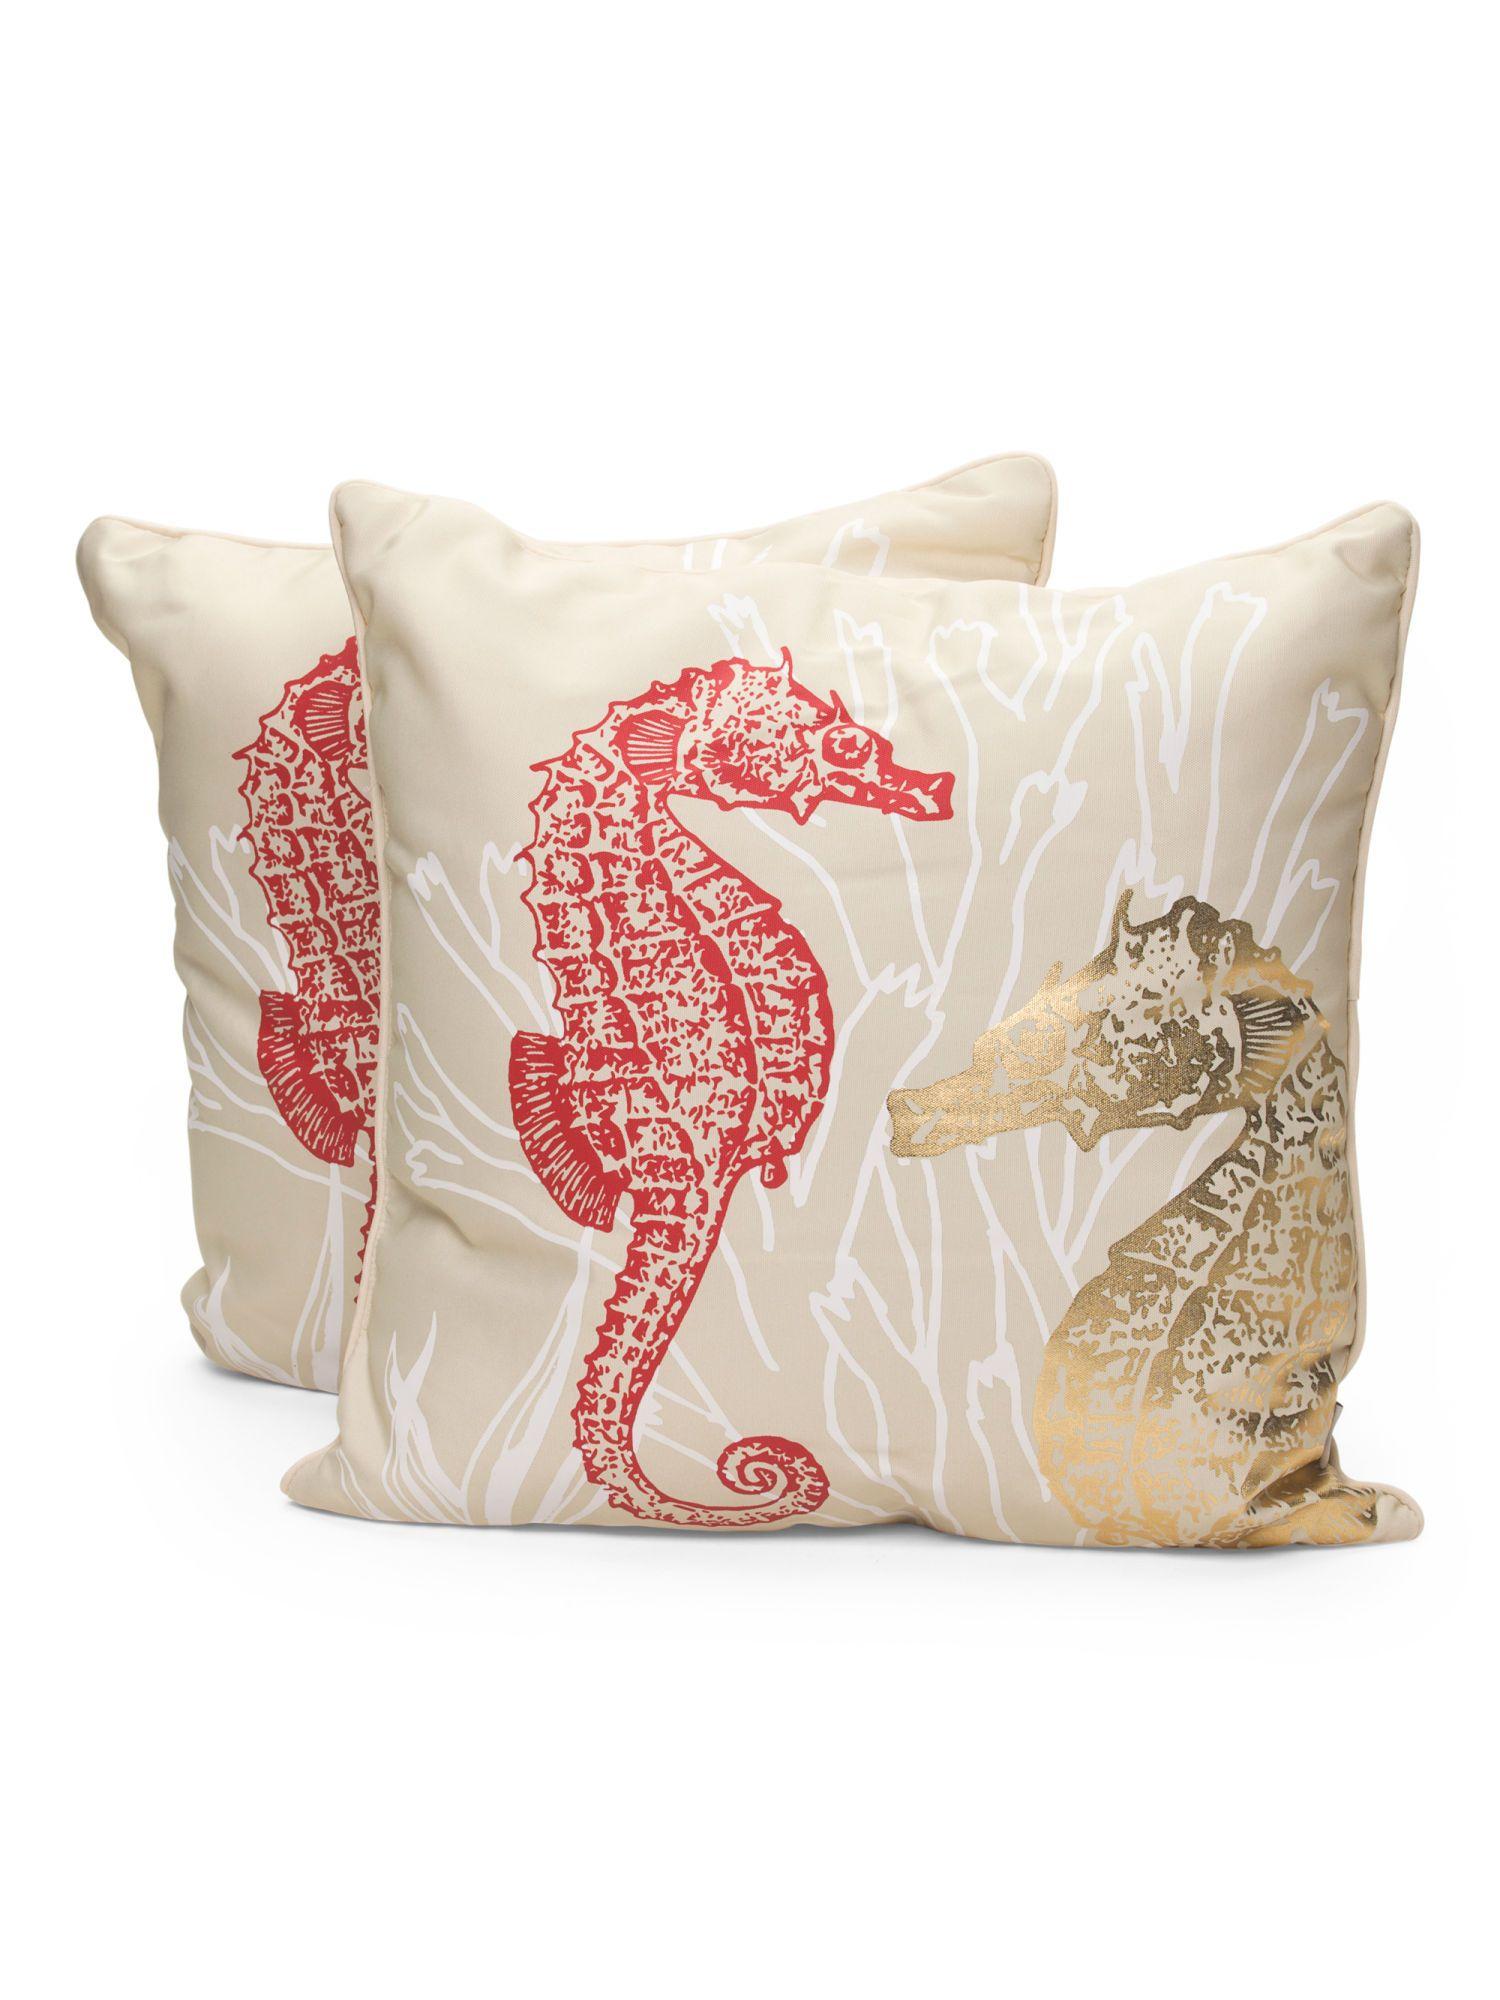 THRO BY MARLO LORENZ 2pk 20x20 Seahorse Outdoor Pillow 24